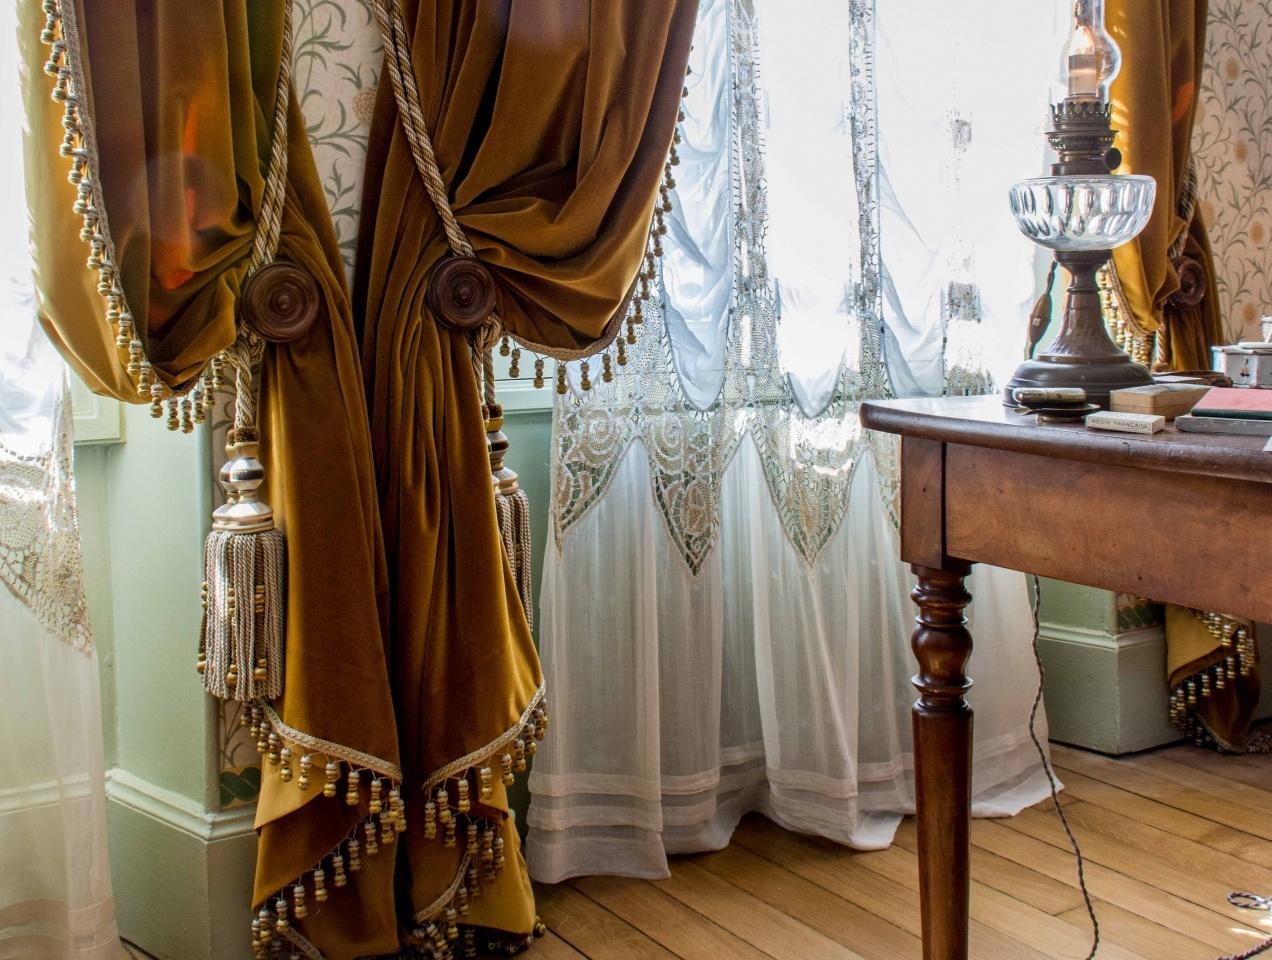 Interieur Passion Home Textiles houlès - references (us-en)